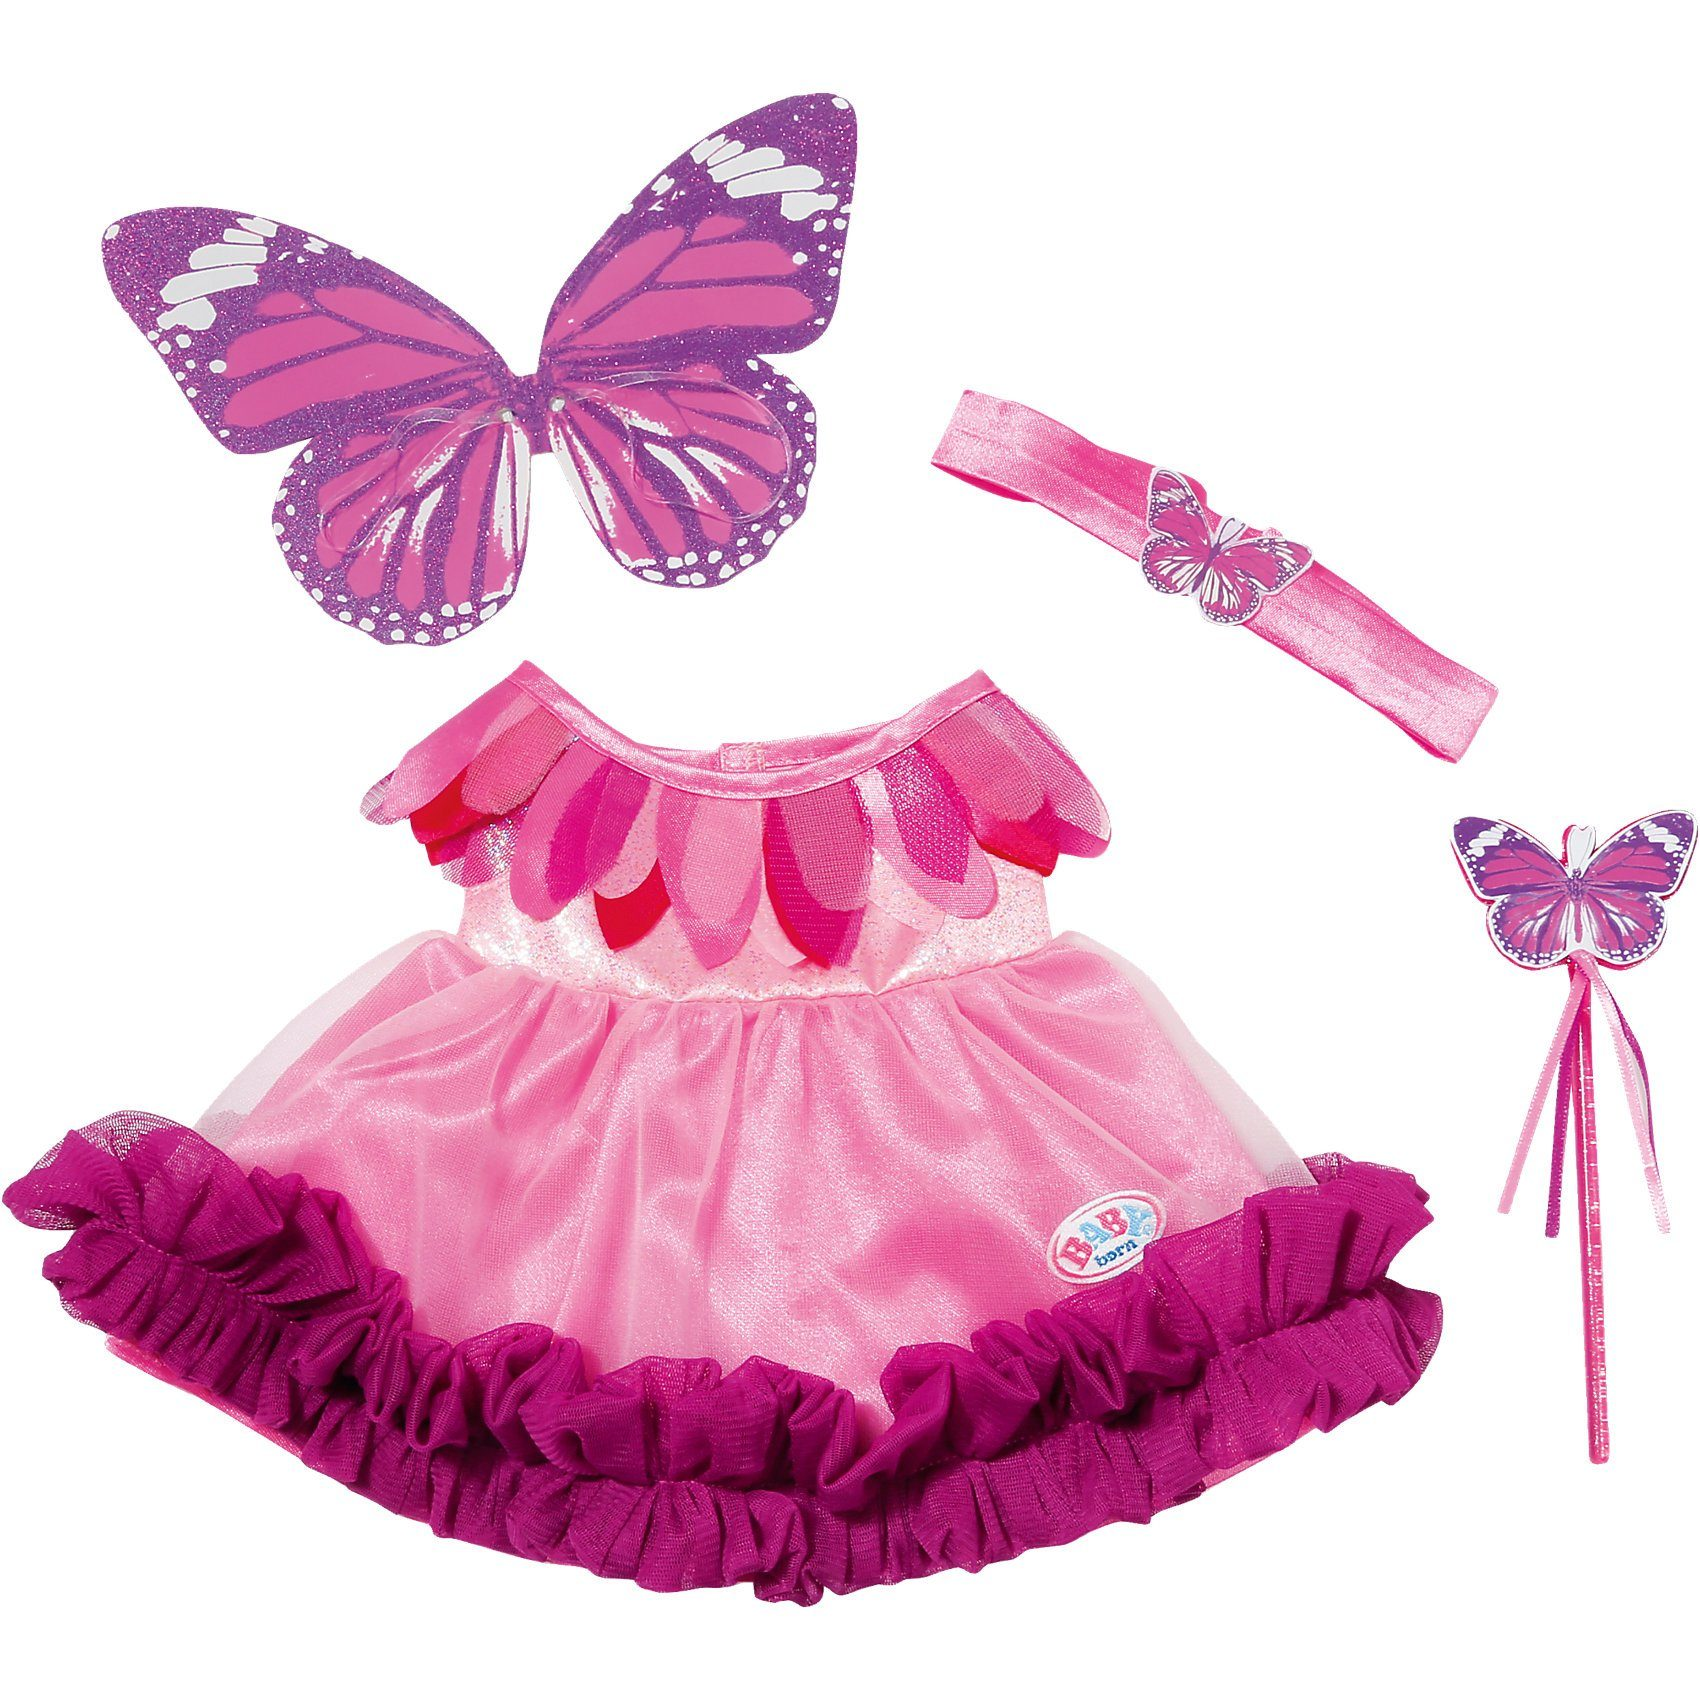 Zapf Creation BABY born® Puppenkleidung Feenkleid Wonderland, 43 cm